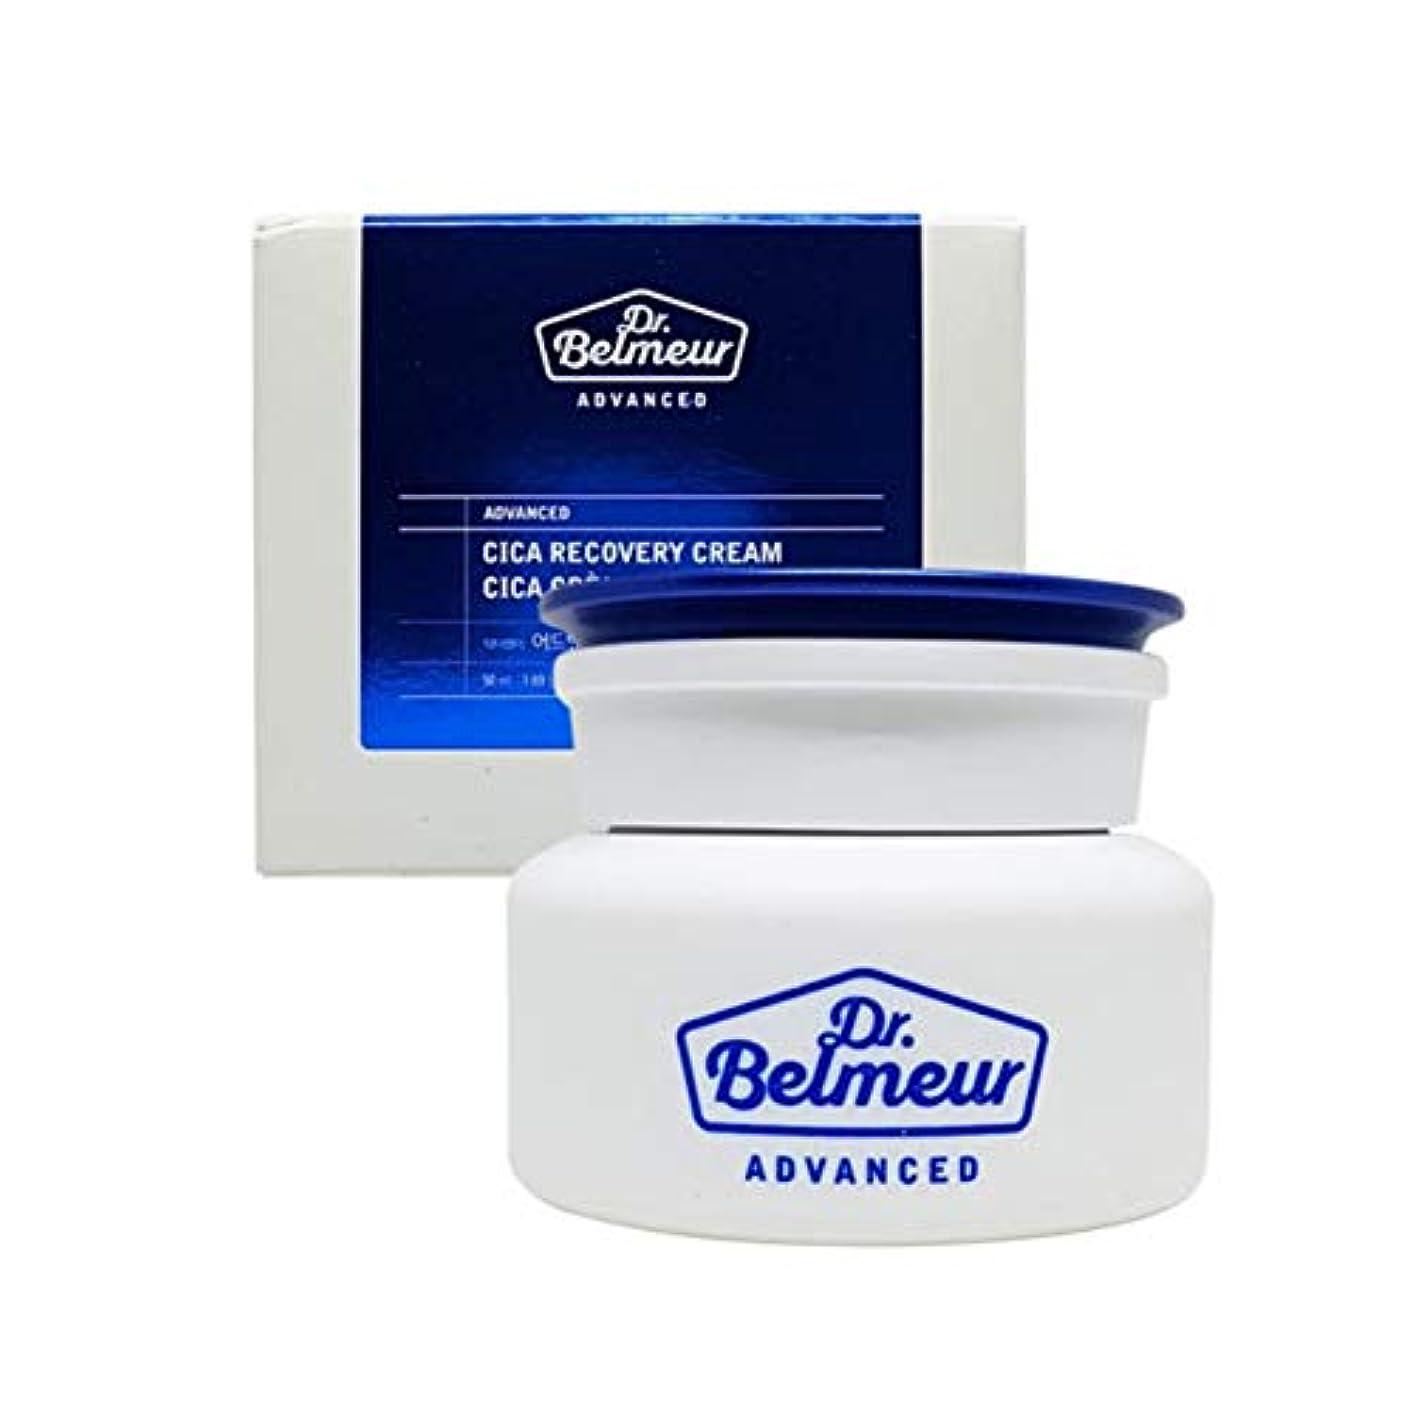 可能彫るアッパーザ?フェイスショップドクターベルモアドバンスドシカリカバリークリーム50ml 韓国コスメ、The Face Shop Dr.Belmeur Advanced Cica Recovery Cream 50ml Korean...